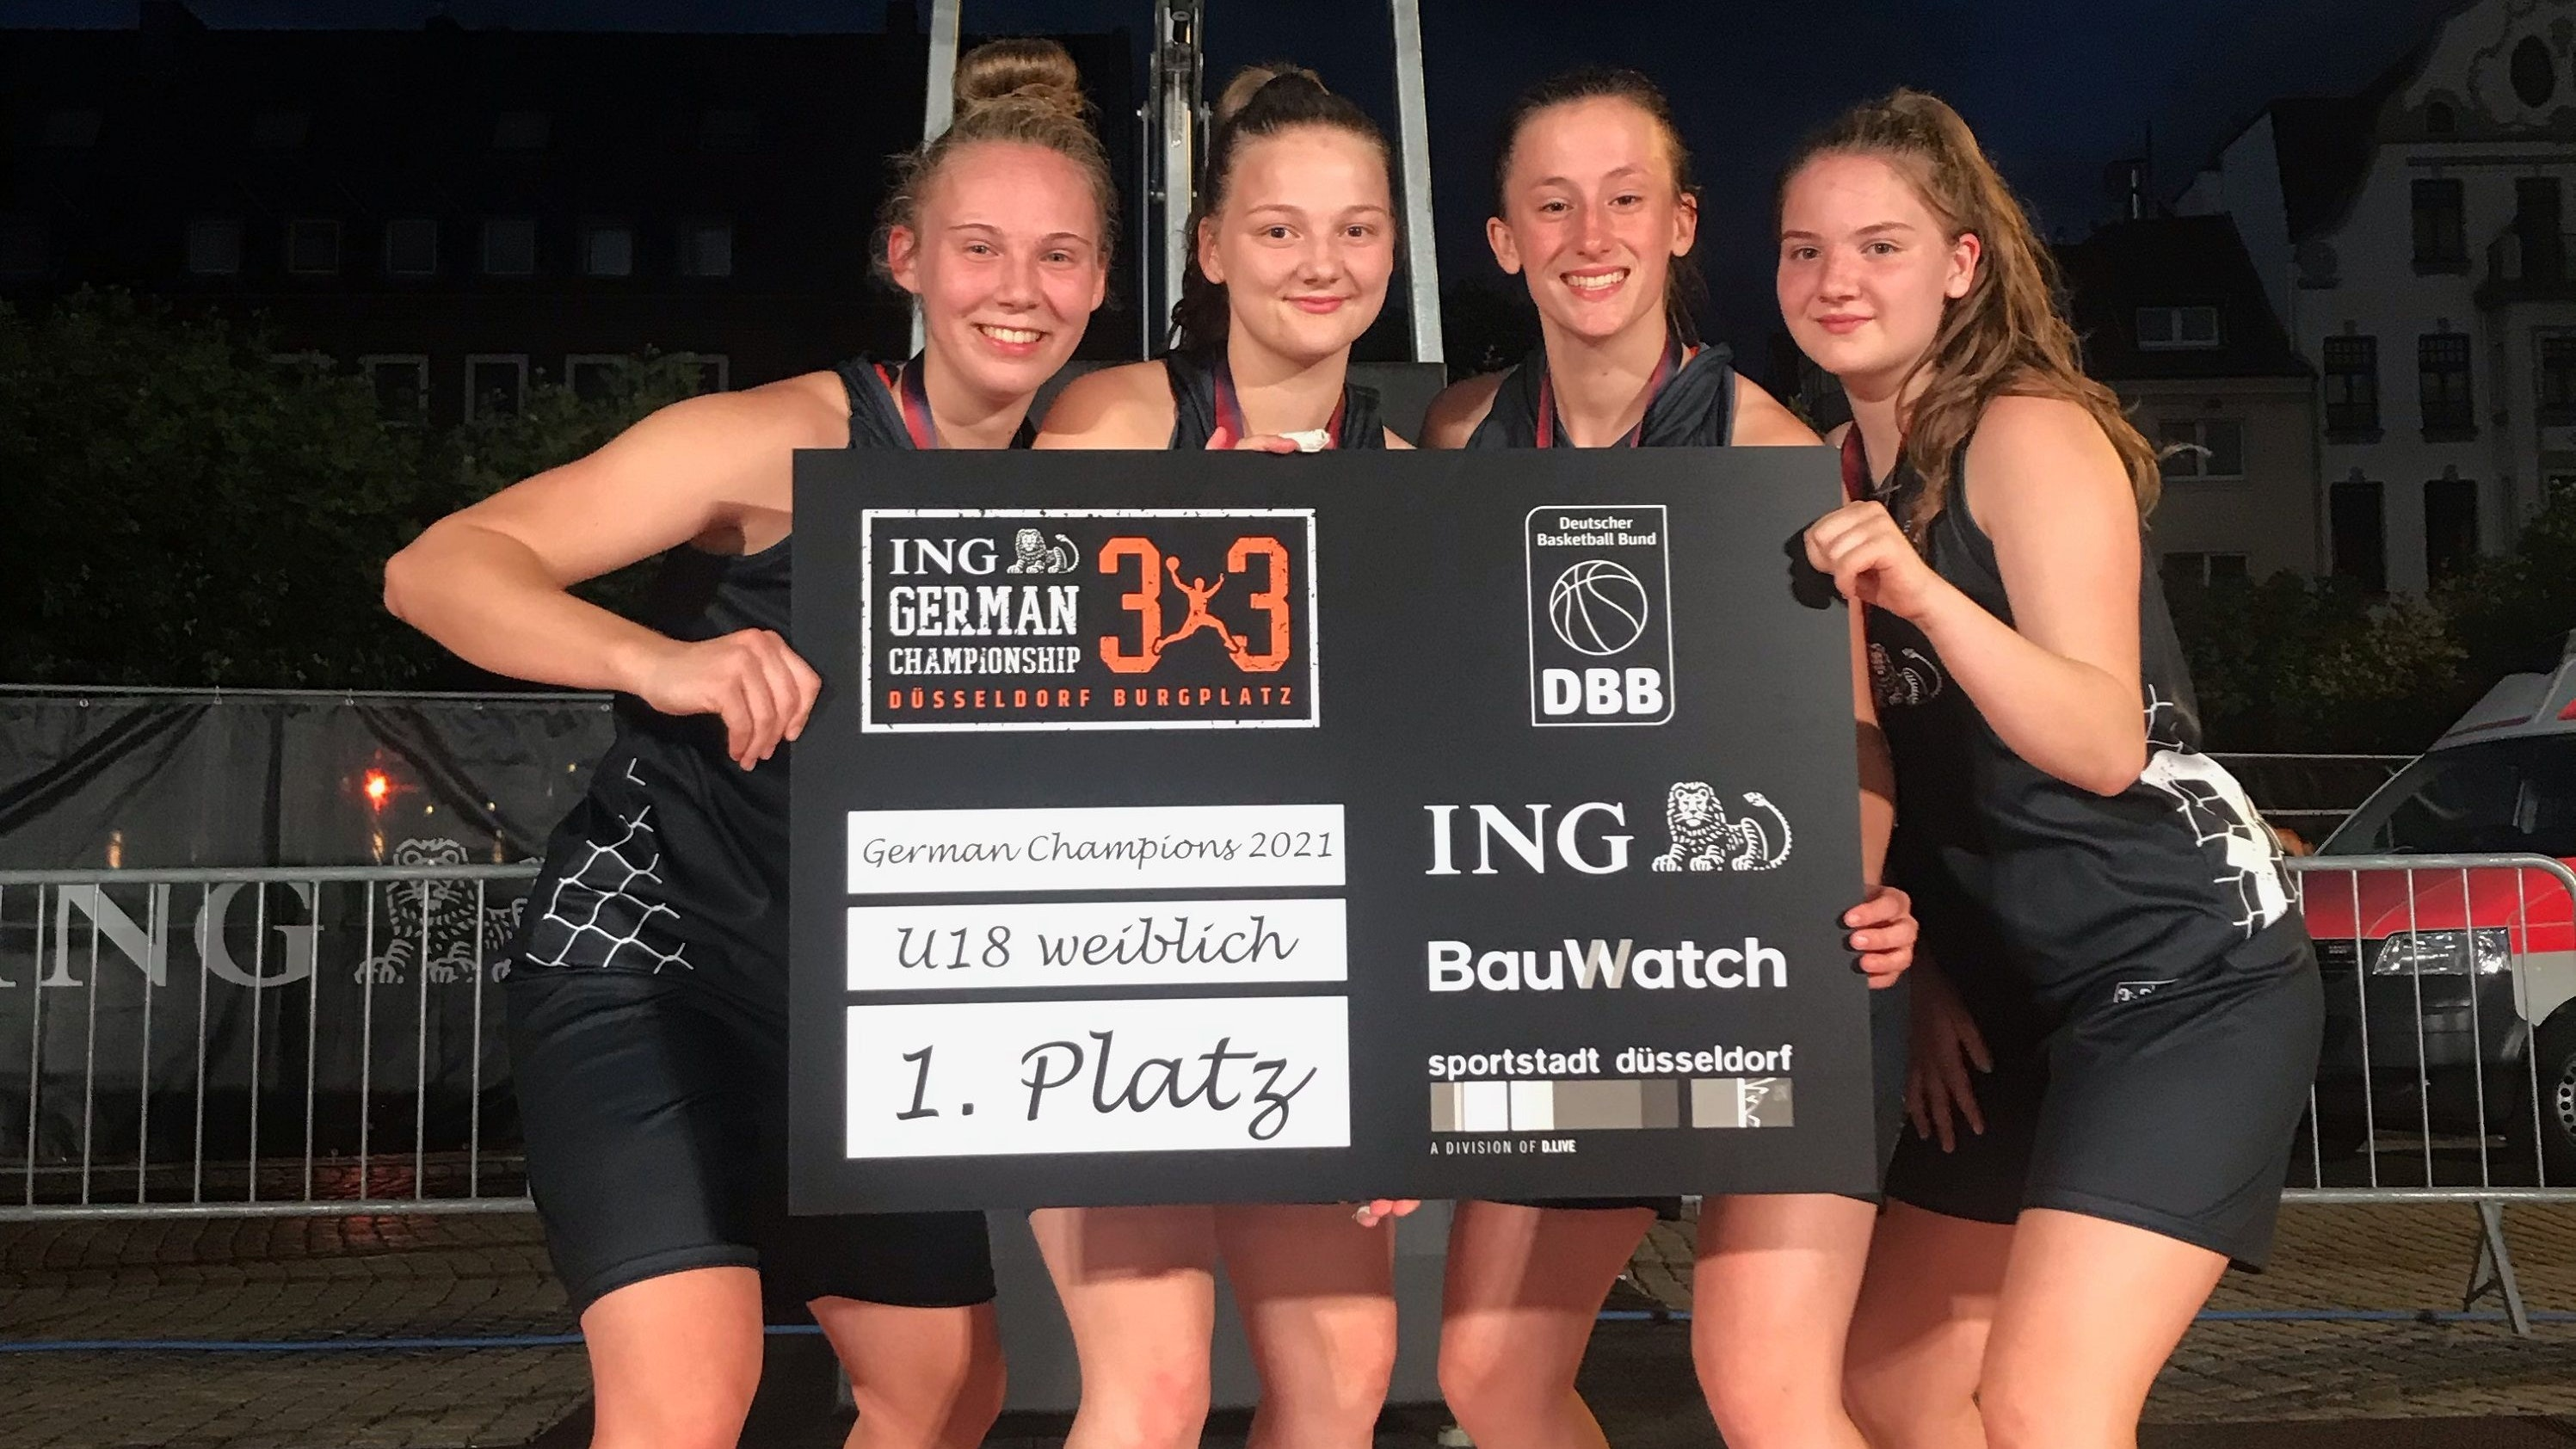 U-18-Champions im 3x3-Basketball: Osnabrücks Team mit (von links) Maira Banko, Malea Sprehe, Luise Hansmann und Pia Sprehe. Malea und Pia Sprehe kommen aus Vörden. Foto: DBB